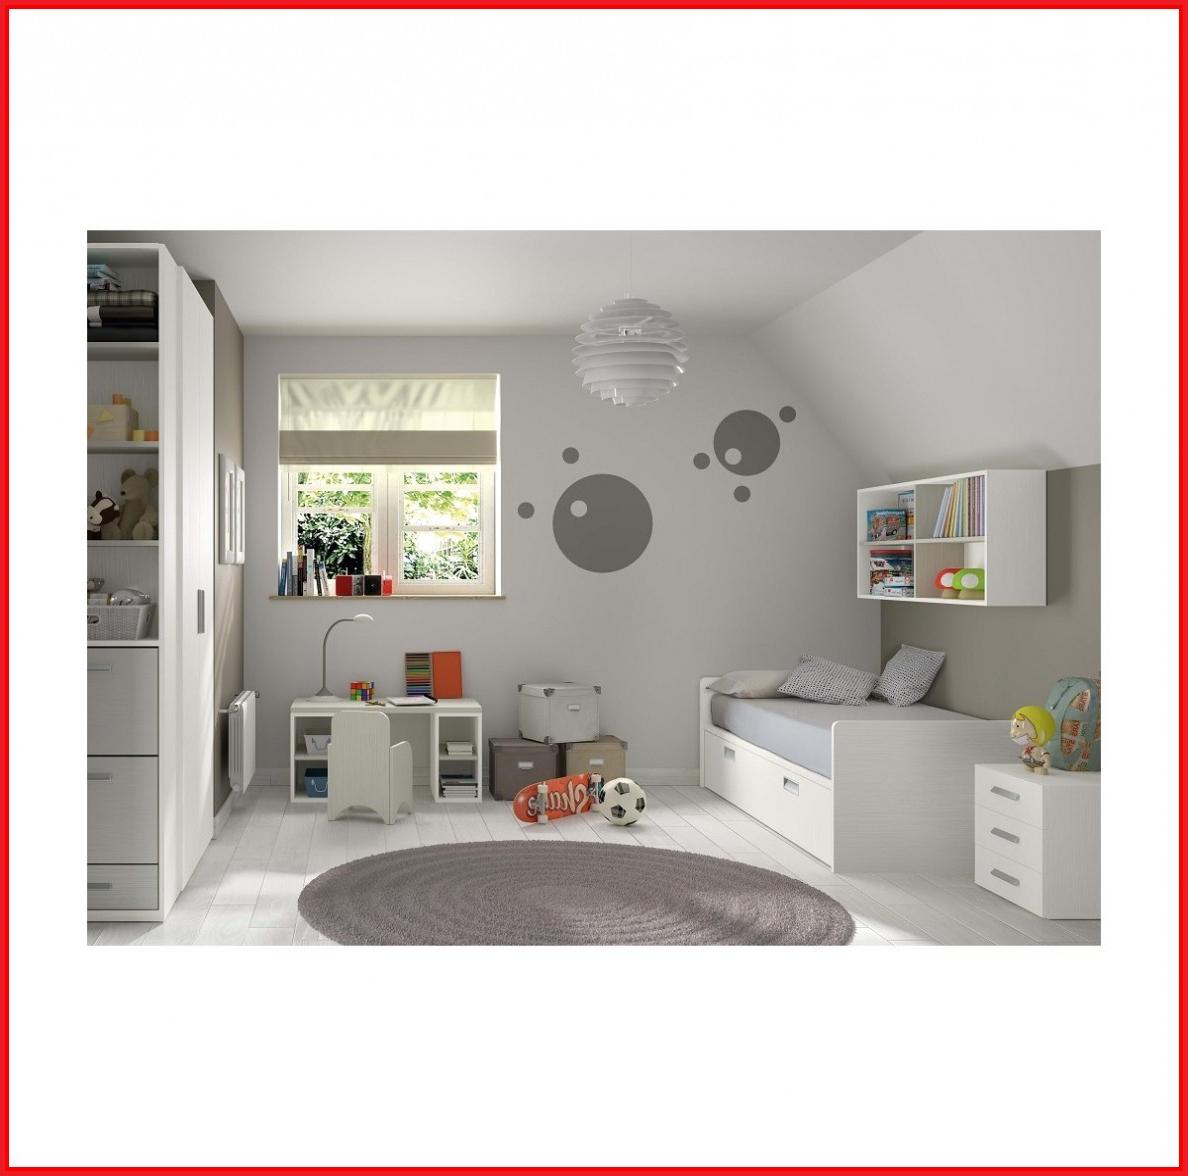 Tienda muebles baratos great muebles baratos tienda for Tiendas de muebles en tarragona